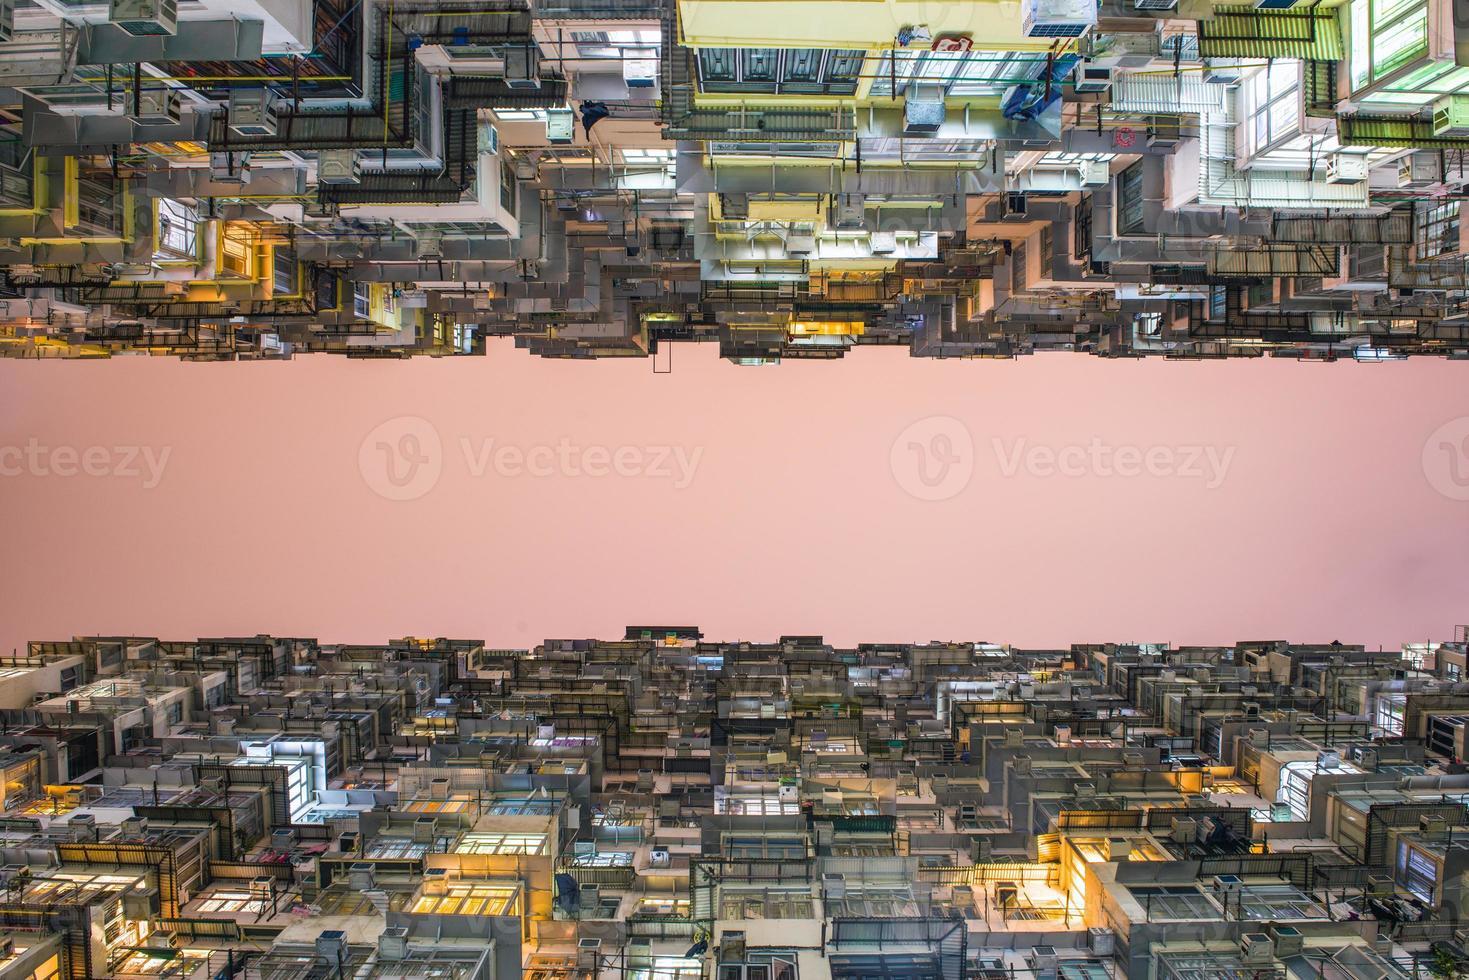 mansão montana, quarry bay hong kong foto